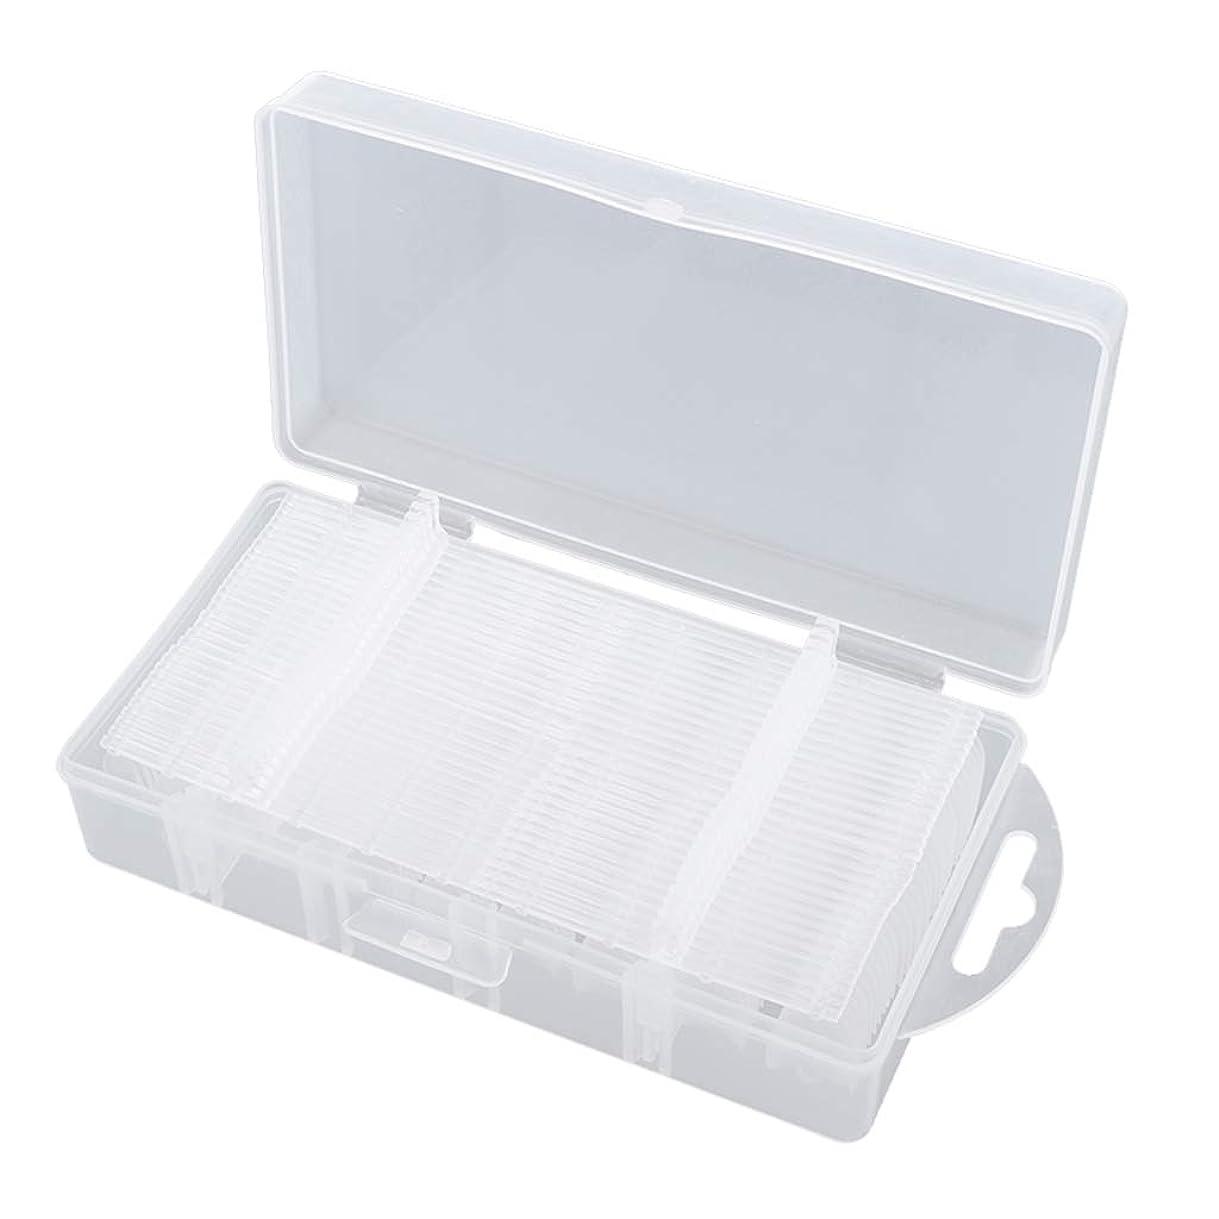 ダメージ風邪をひく市場T TOOYFUL ネイルチップ 300枚入り つけ爪 付け爪 クリア ネイル練習 ハンド マニキュア 全3種類 - #2